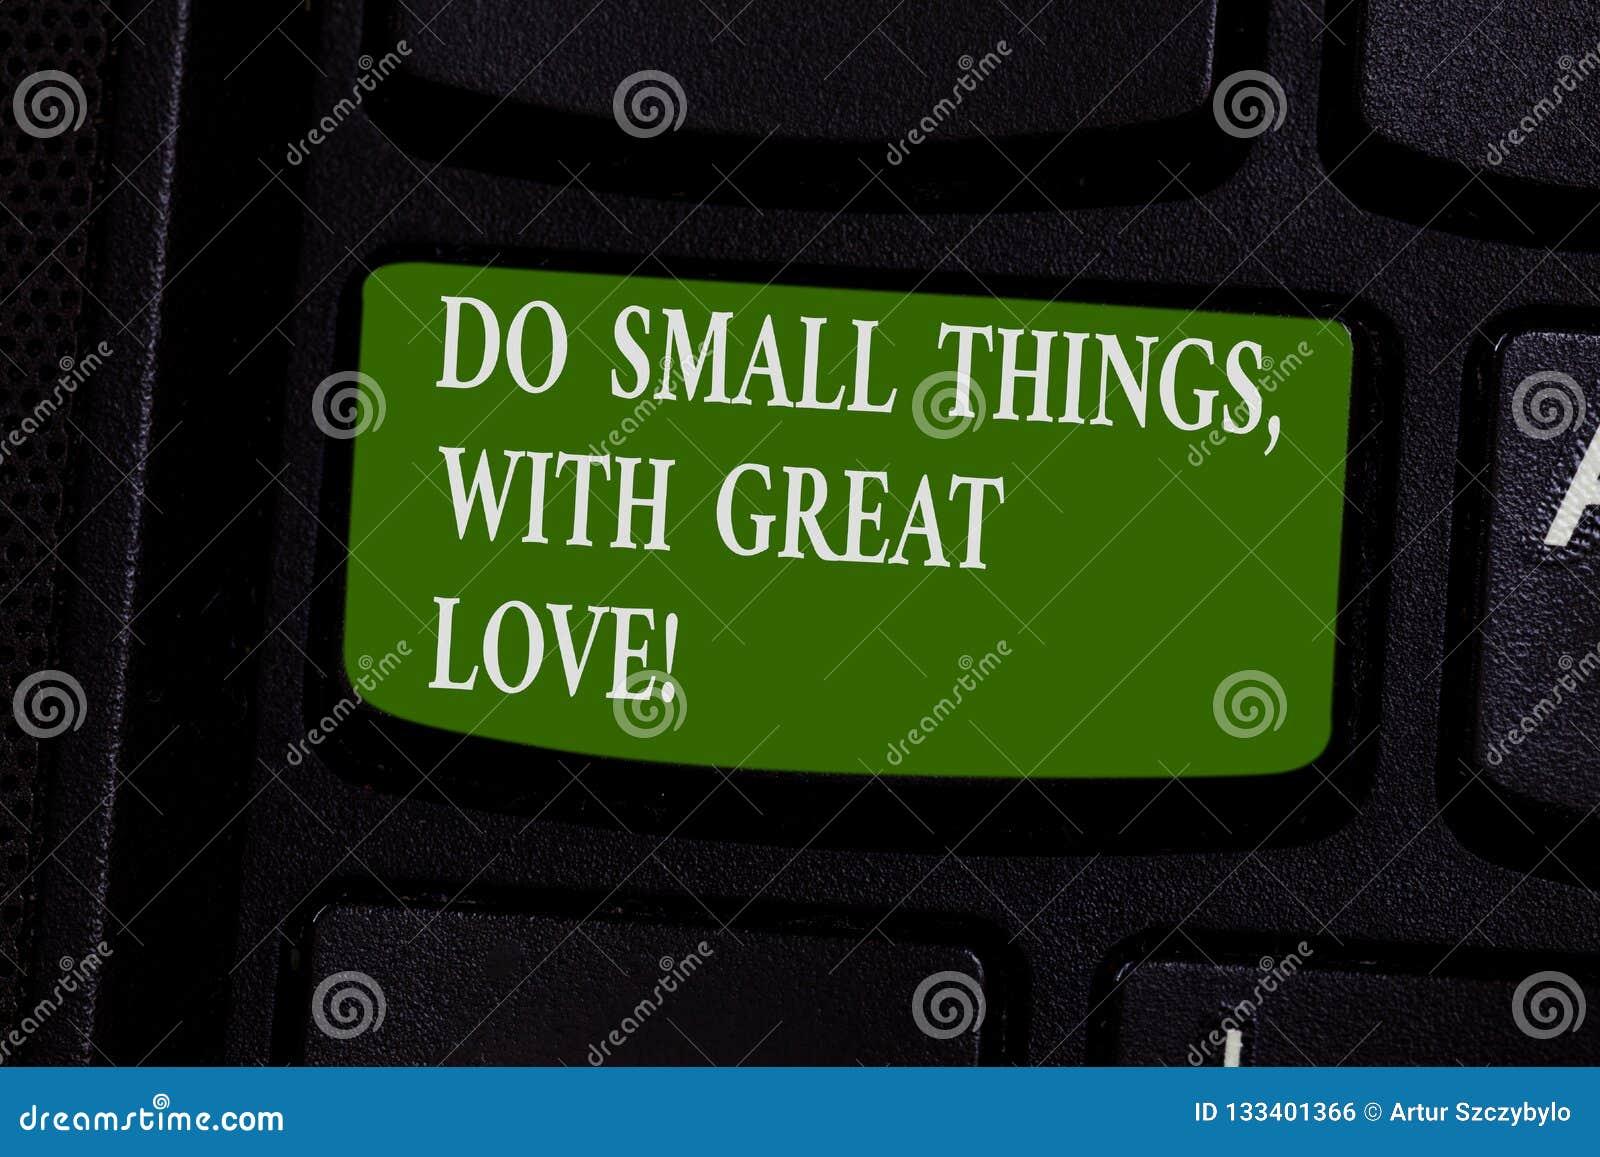 Текст сочинительства слова делает небольшие вещи с большей любовью Концепция дела для мотивации воодушевляет для того чтобы сдела